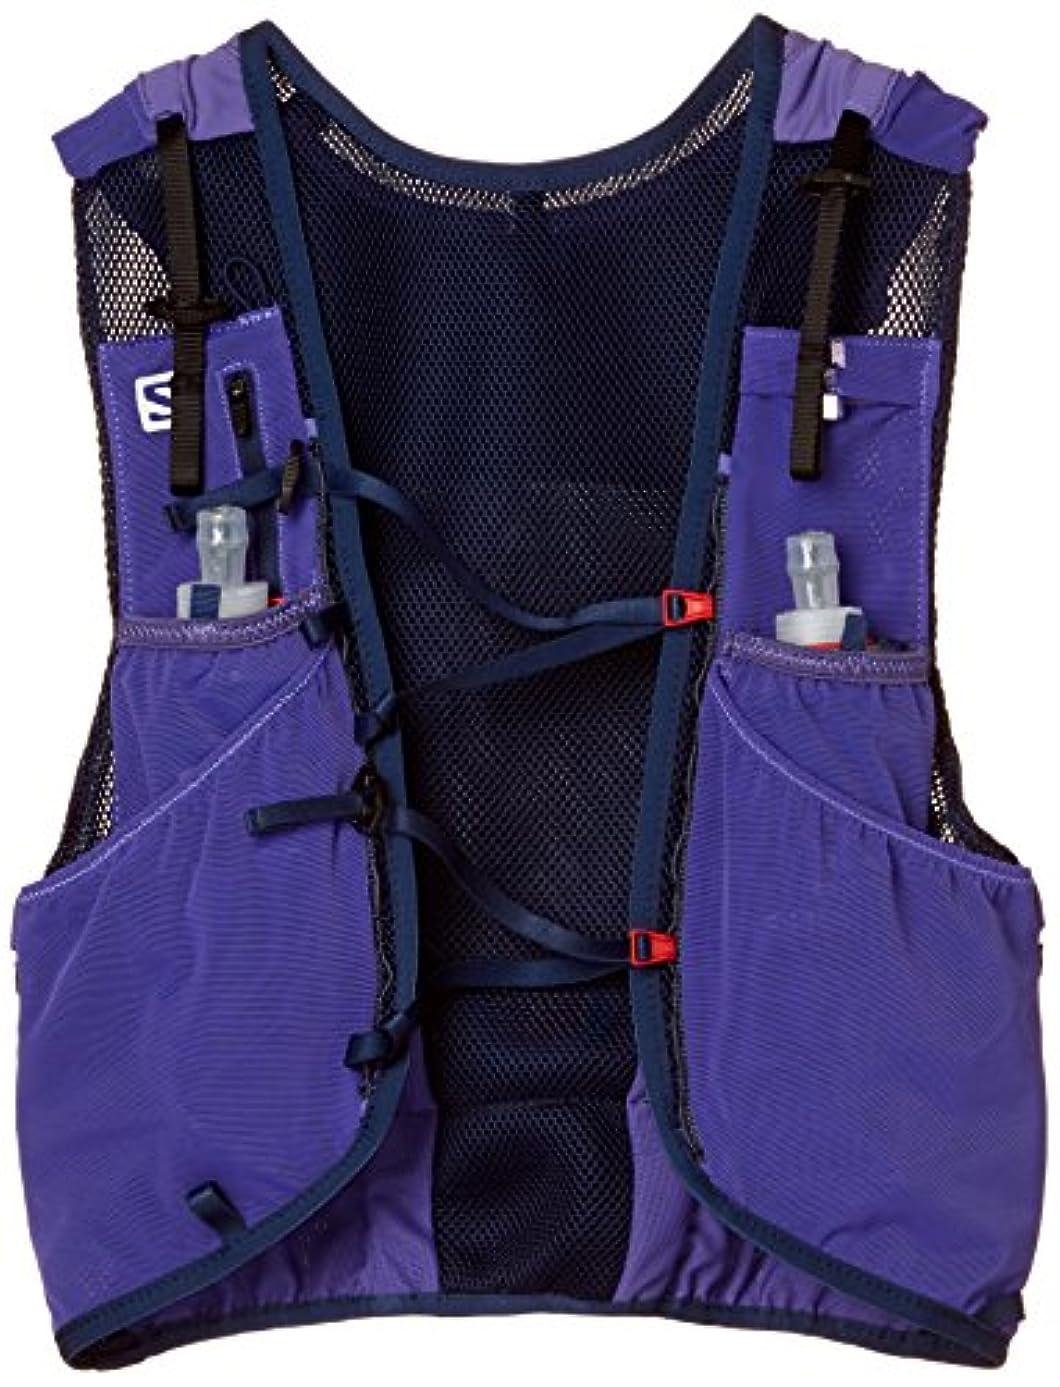 外交問題アクセサリーリーズ[サロモン] ランニングハイドレーションバッグ ADV SKIN 12 SET Purple Opulence/Medieval Blue